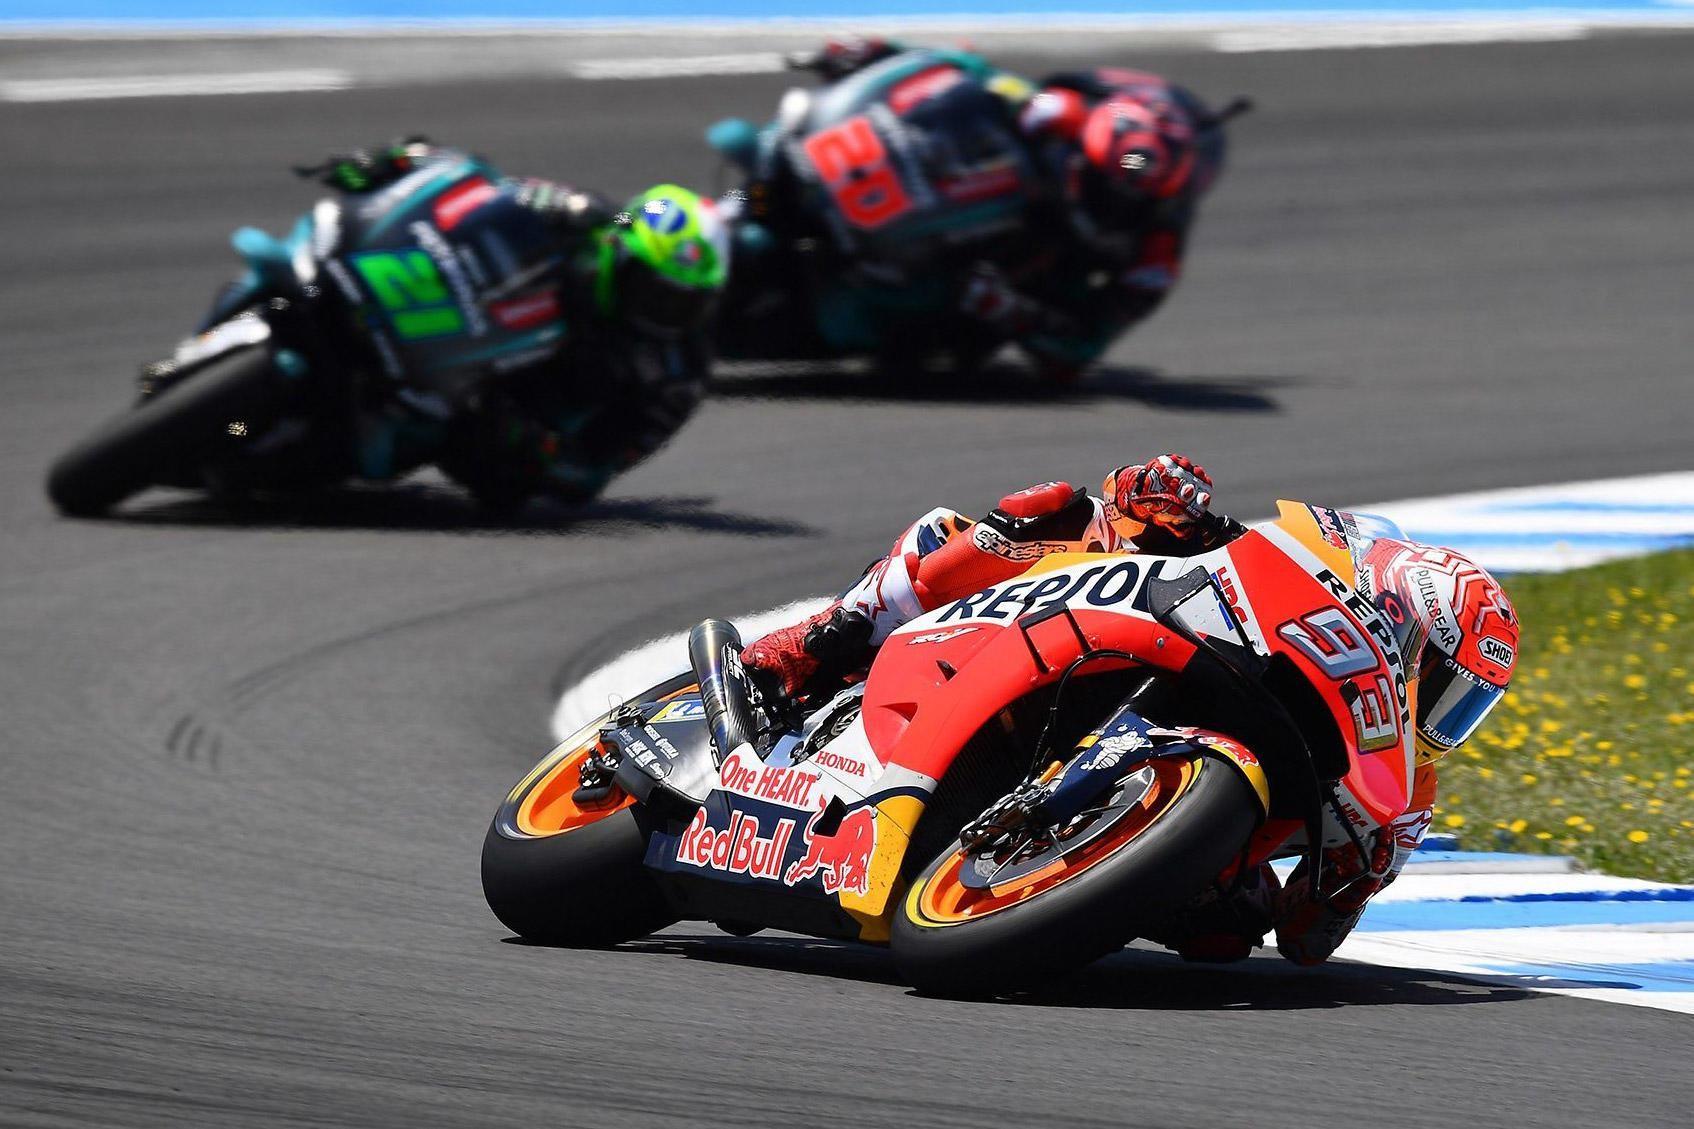 Clasificación MotoGP 2019